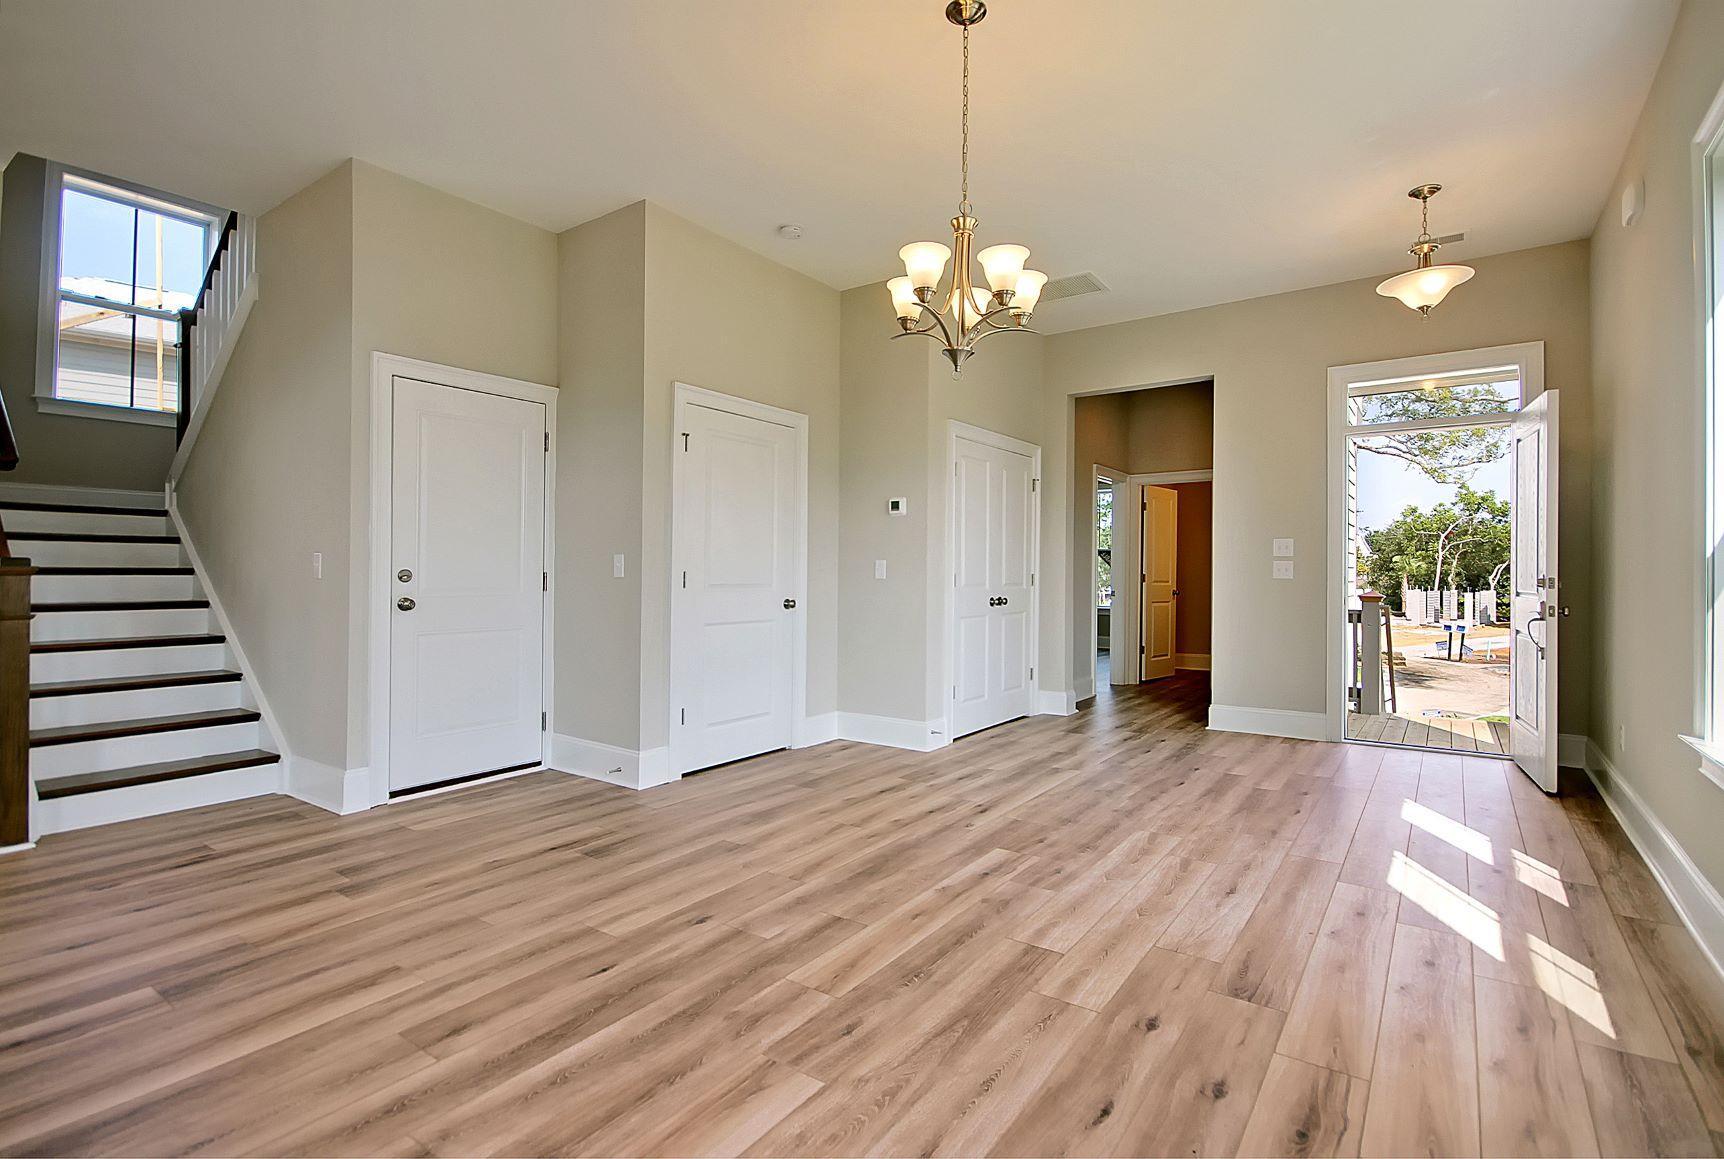 Kings Flats Homes For Sale - 121 Alder, Charleston, SC - 9